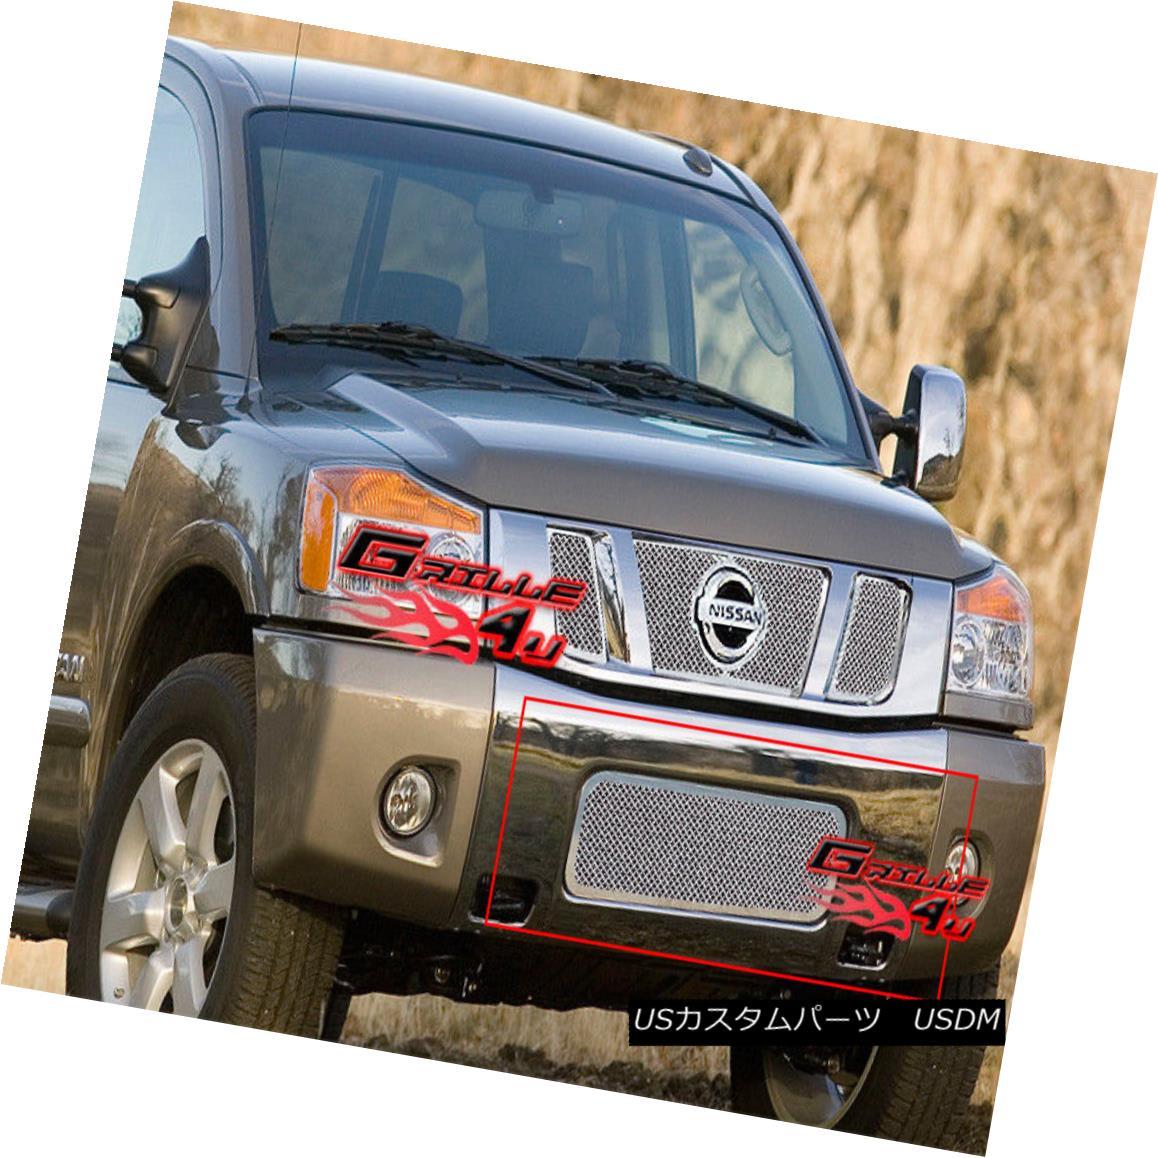 グリル Fits 2004-2015 Nissan Titan/04-07 Armada Bumper Stainless Steel Mesh Grille 2004-2015に適合日産タイタン/ 04-07アルマダバンパーステンレスメッシュグリル